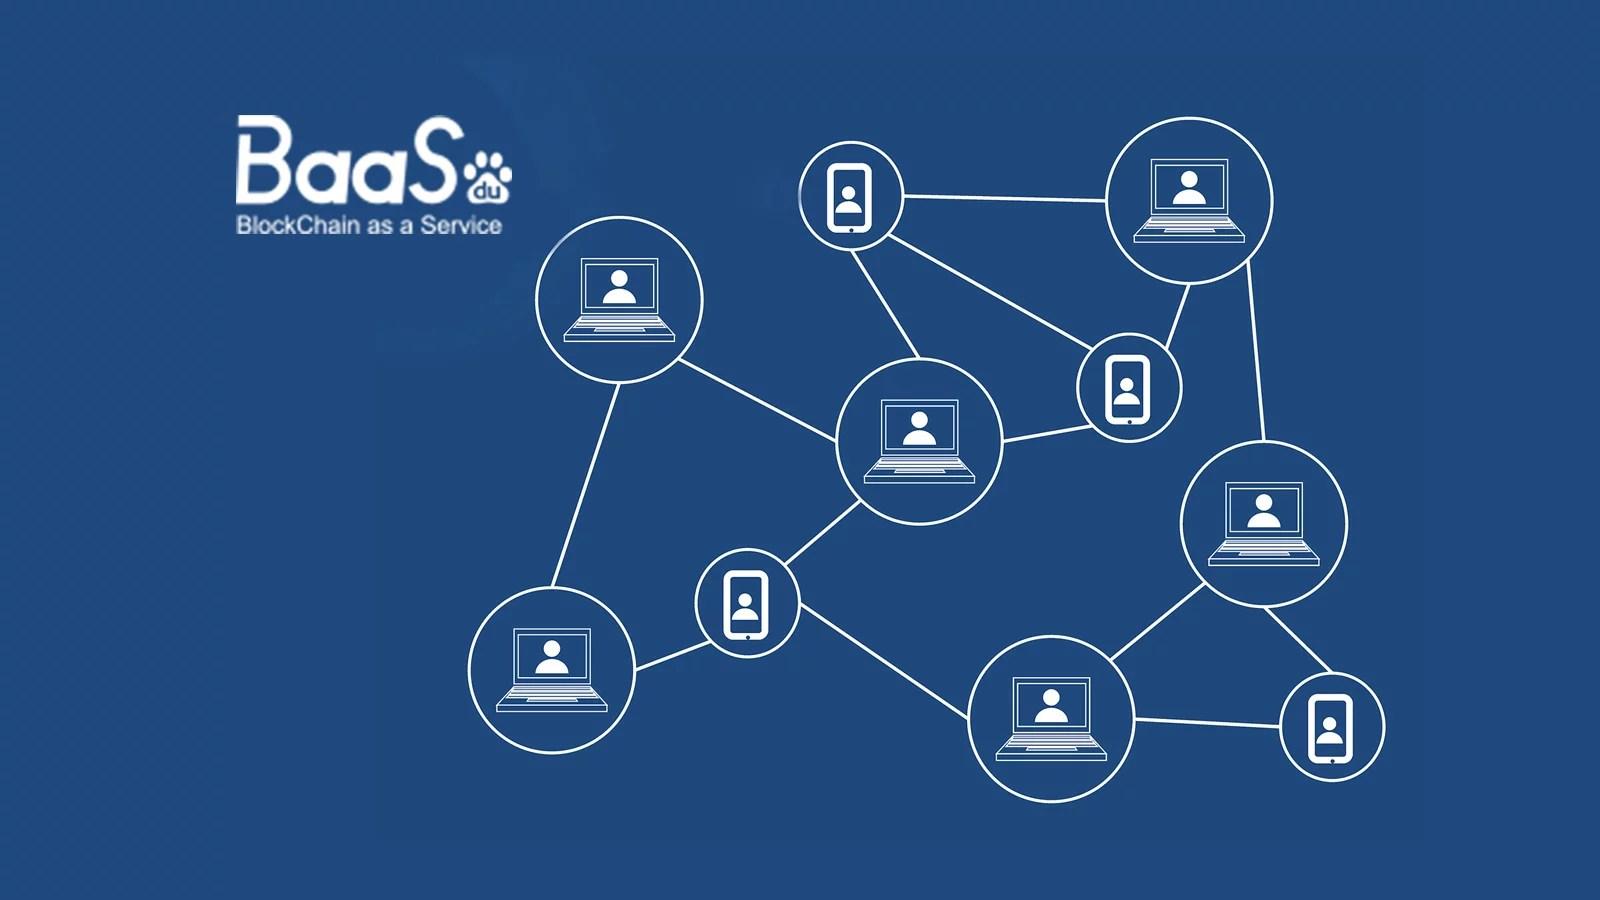 Blockchain as a Service - BaaS